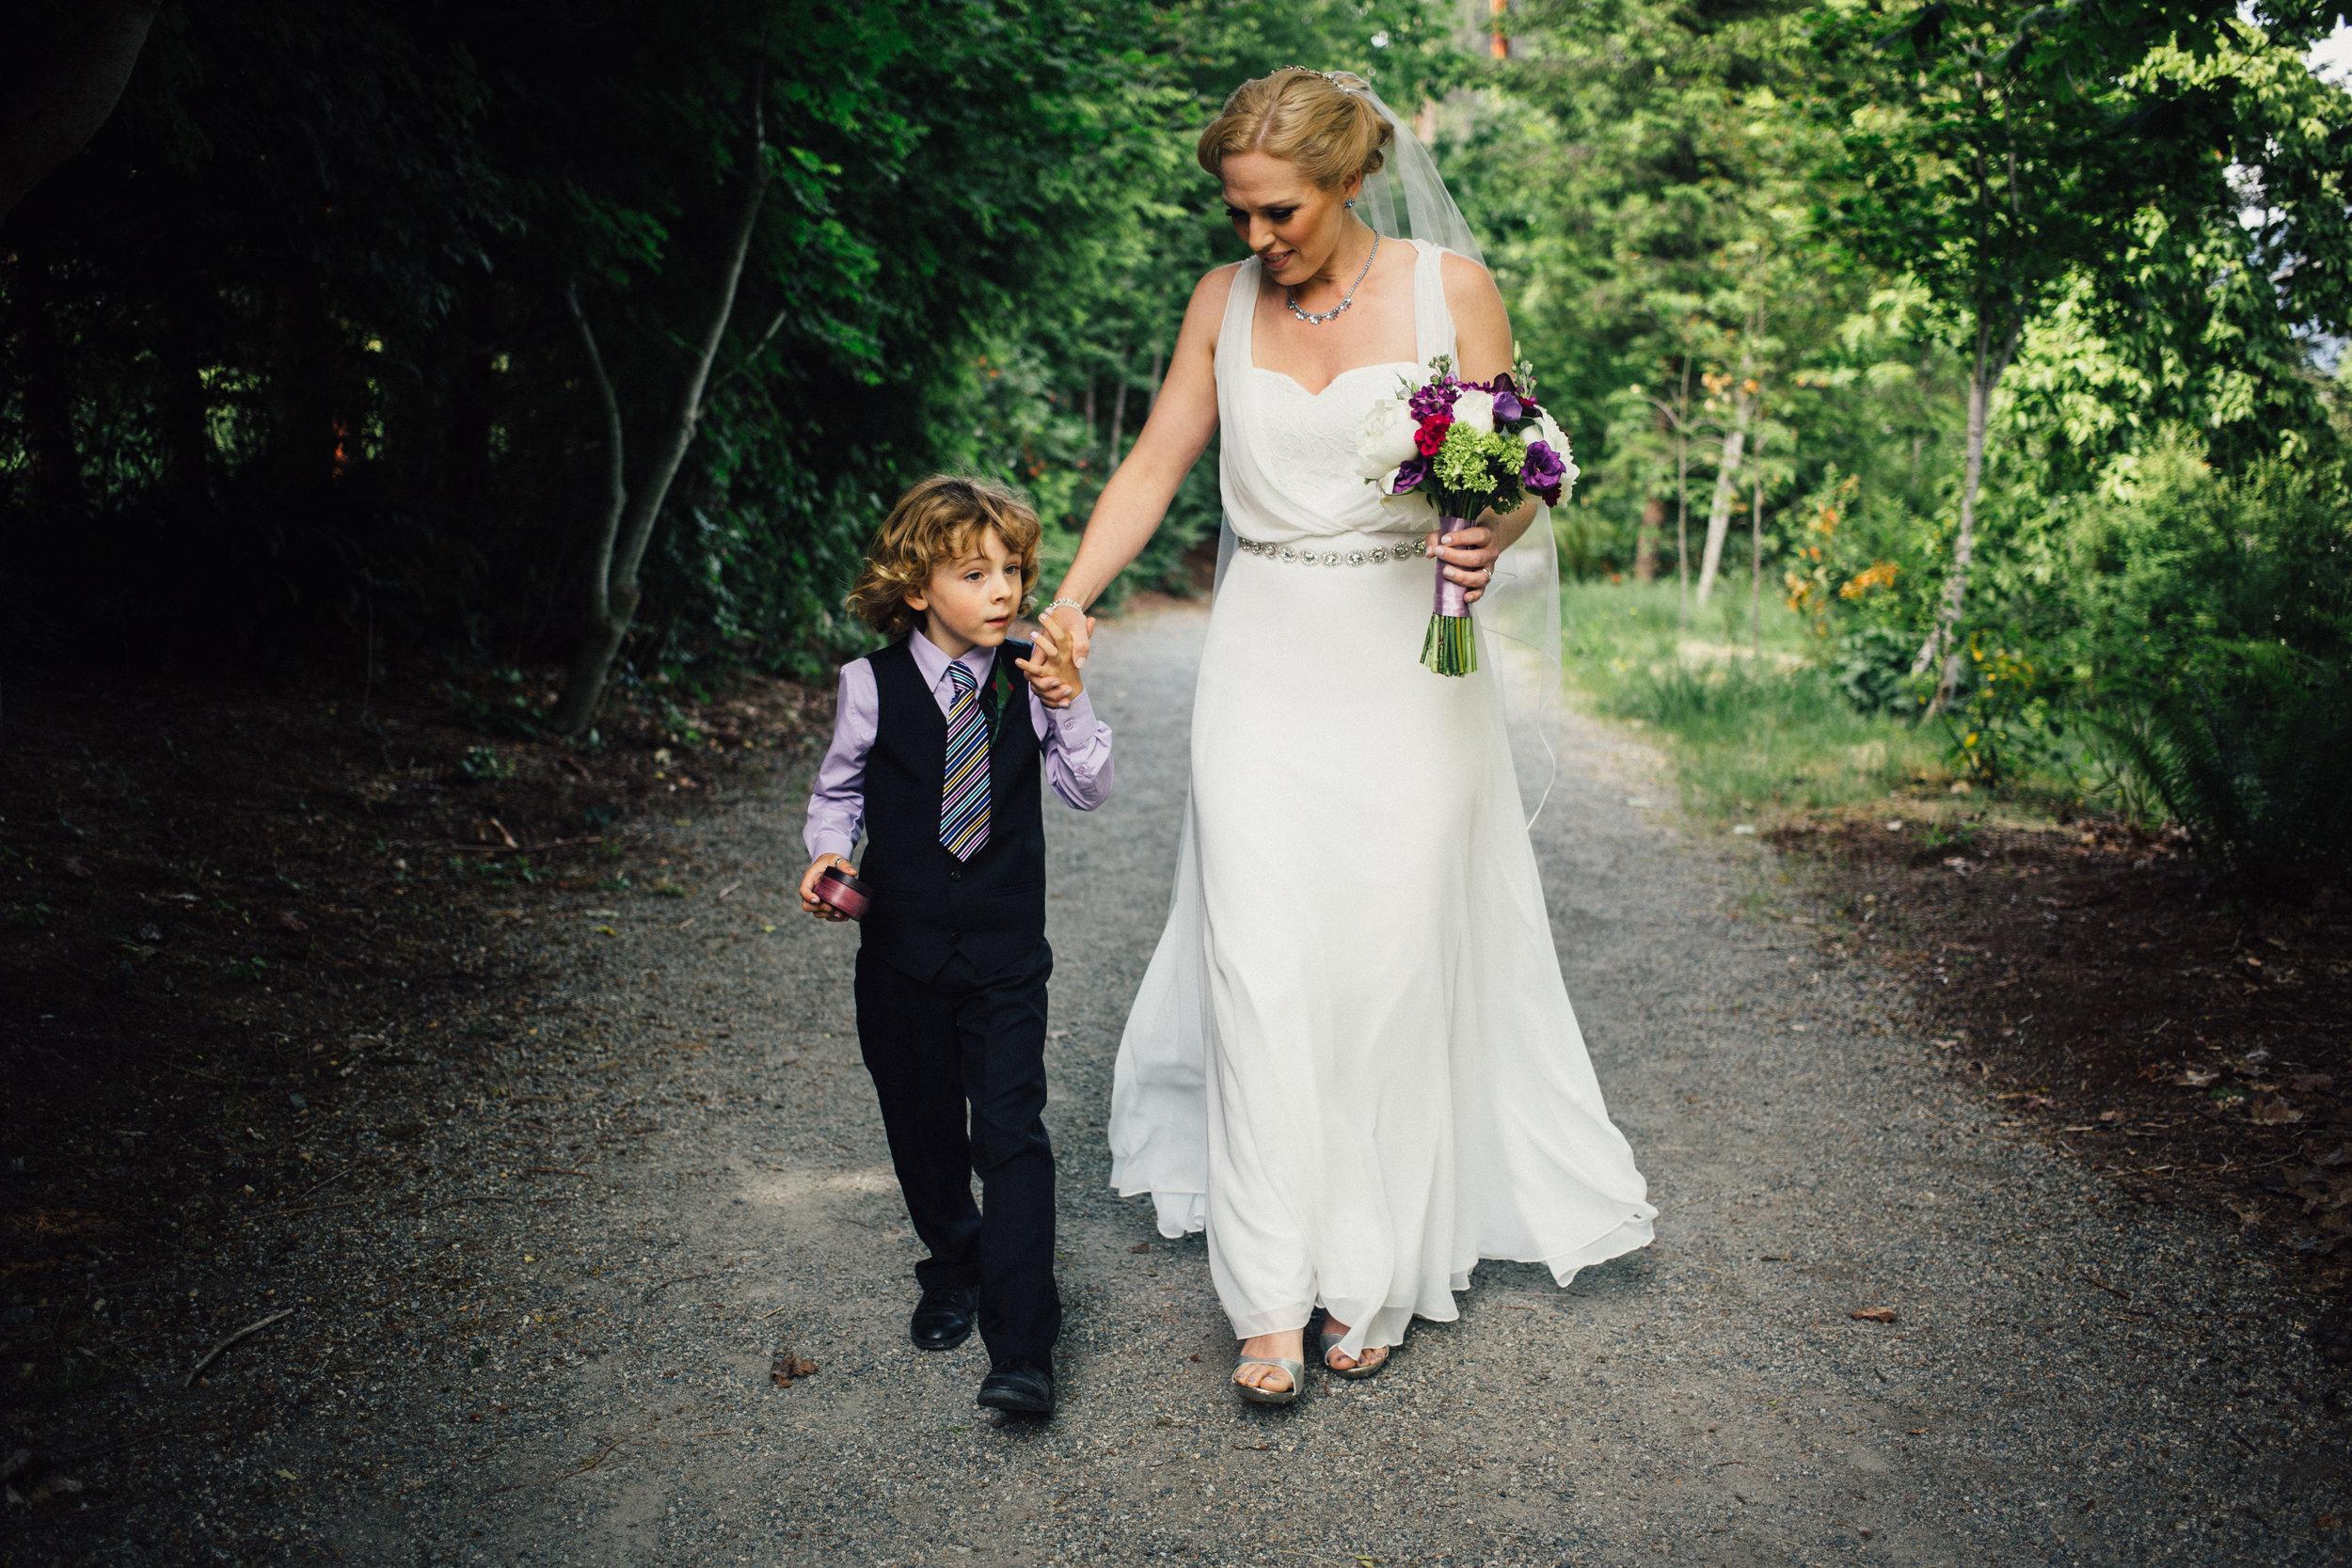 dogwoodphotography_photographer_vancouver_wedding_kimberley (36 of 180).jpg